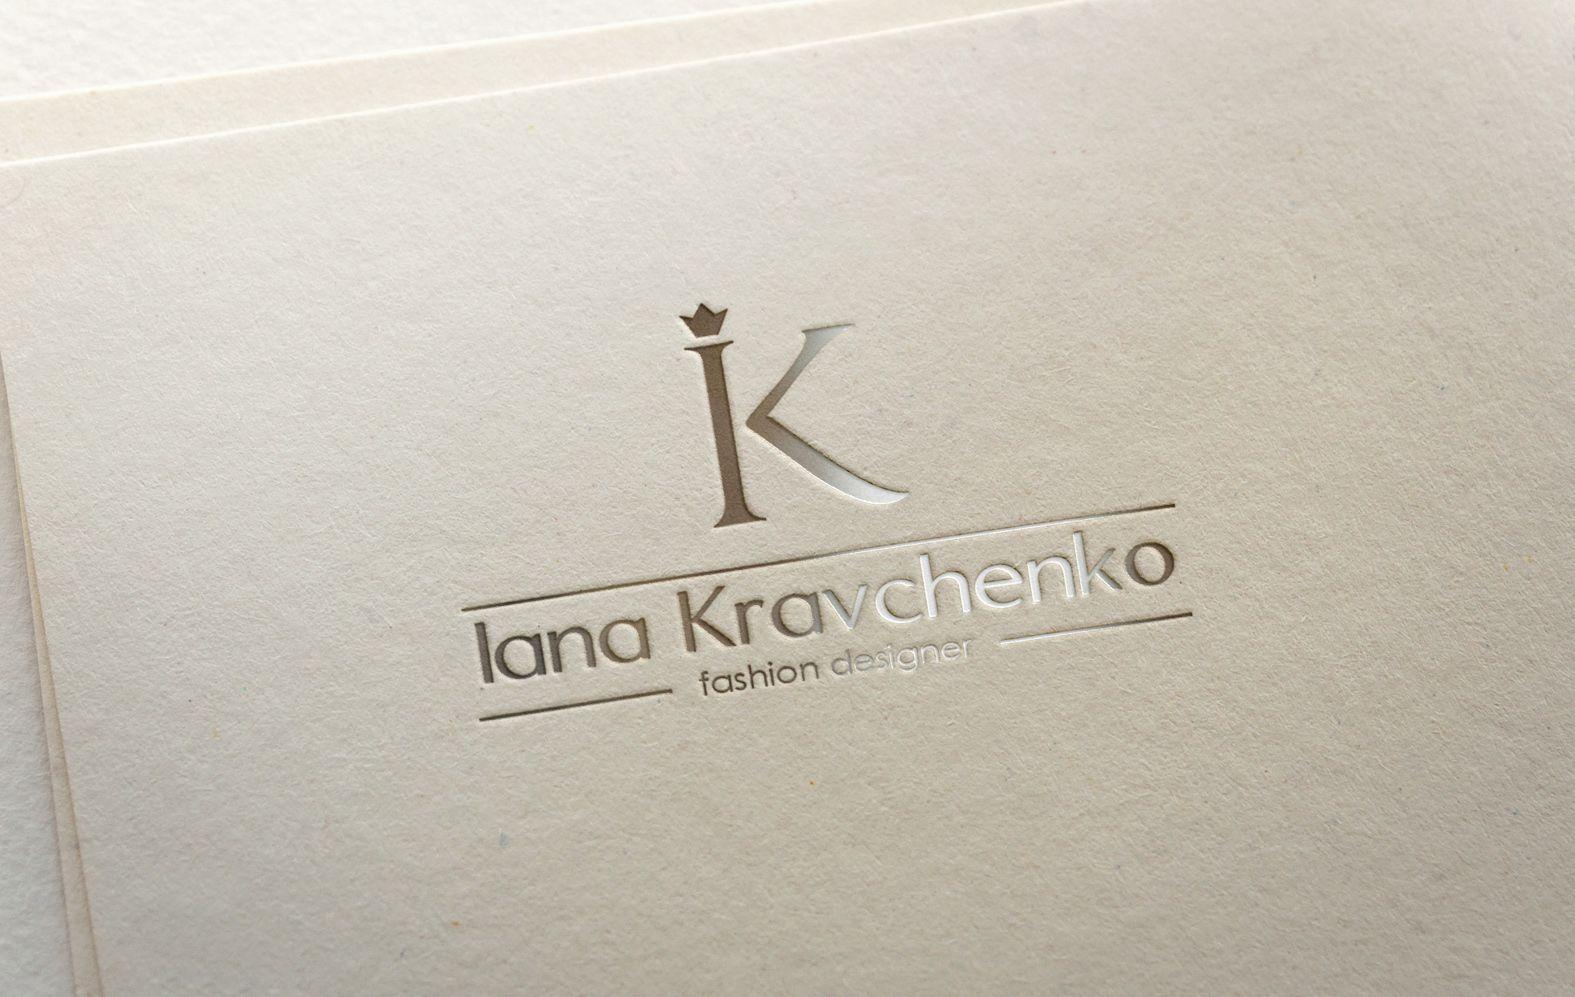 Логотипа и фир. стиля для дизайнера одежды - дизайнер andyul